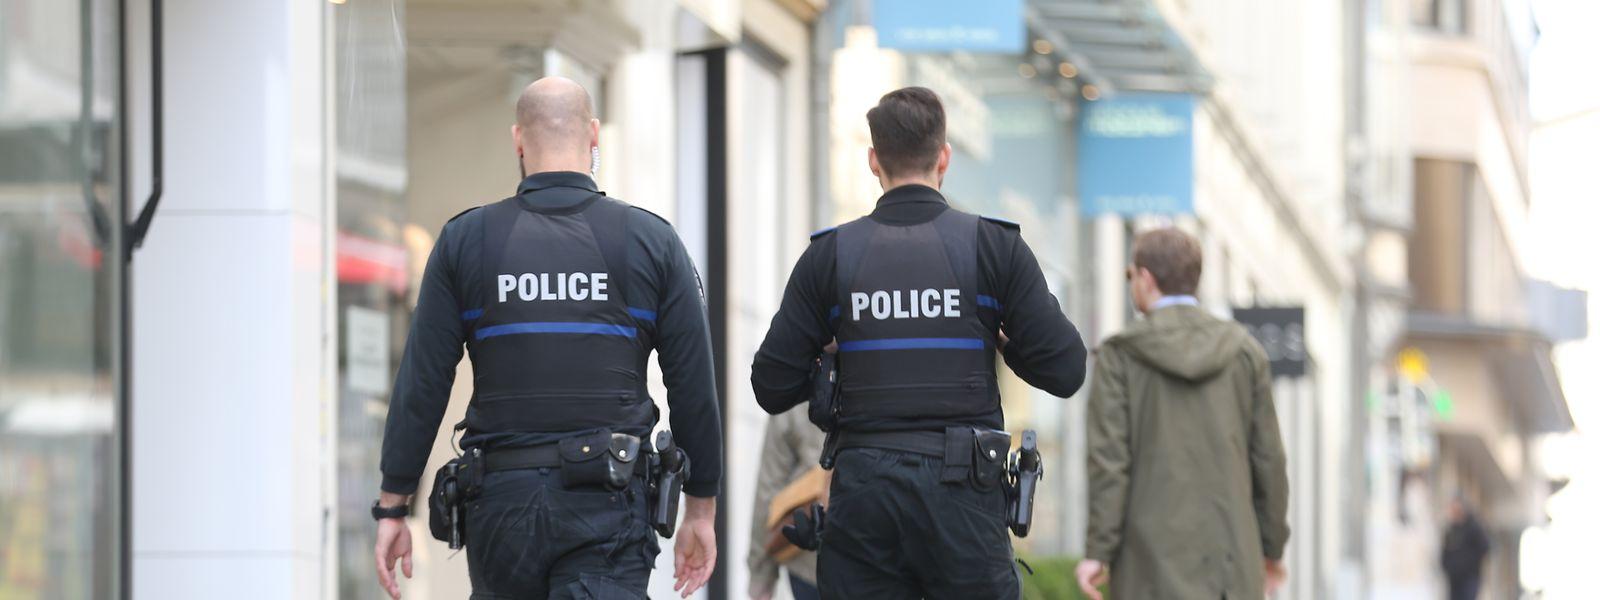 La police a indiqué qu'elle allait poursuivre ses contrôles sur la voie publique.